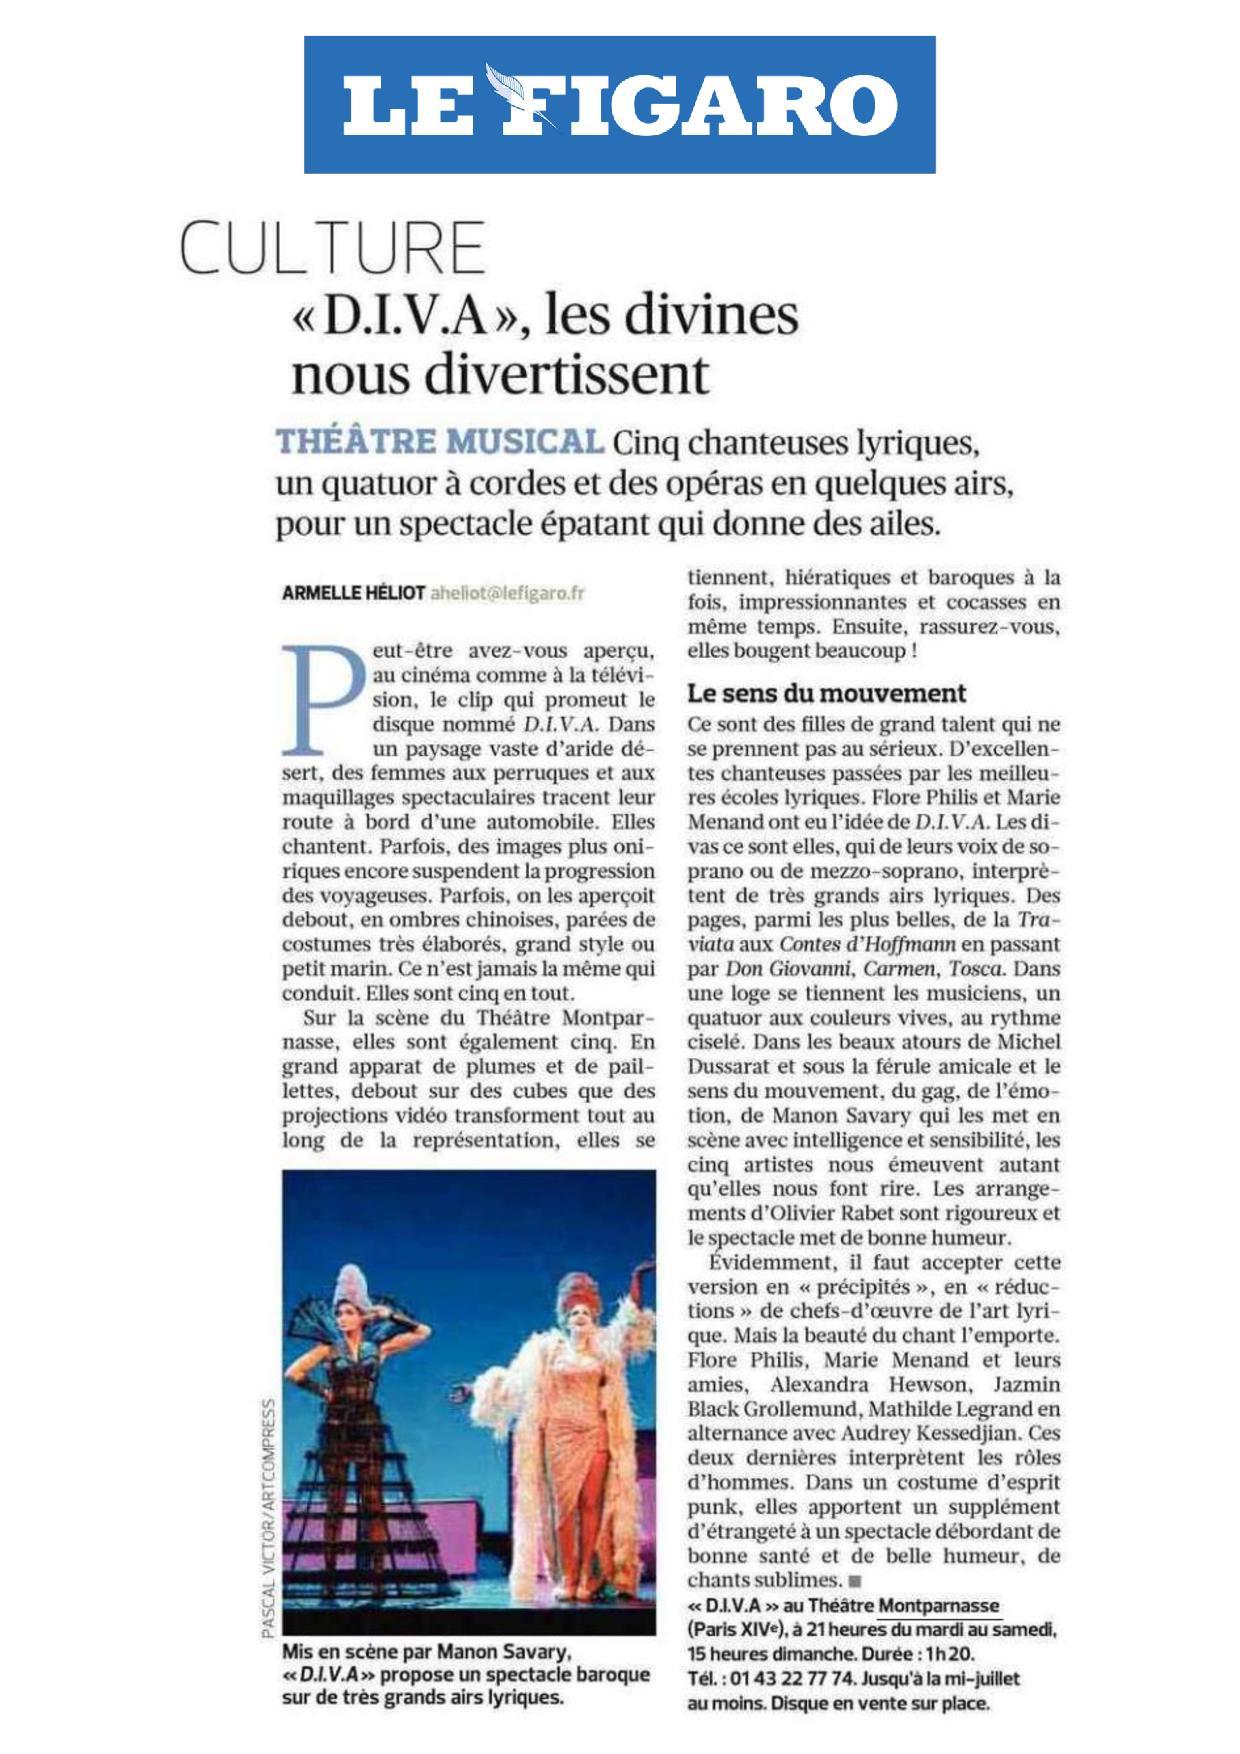 Le Figaro